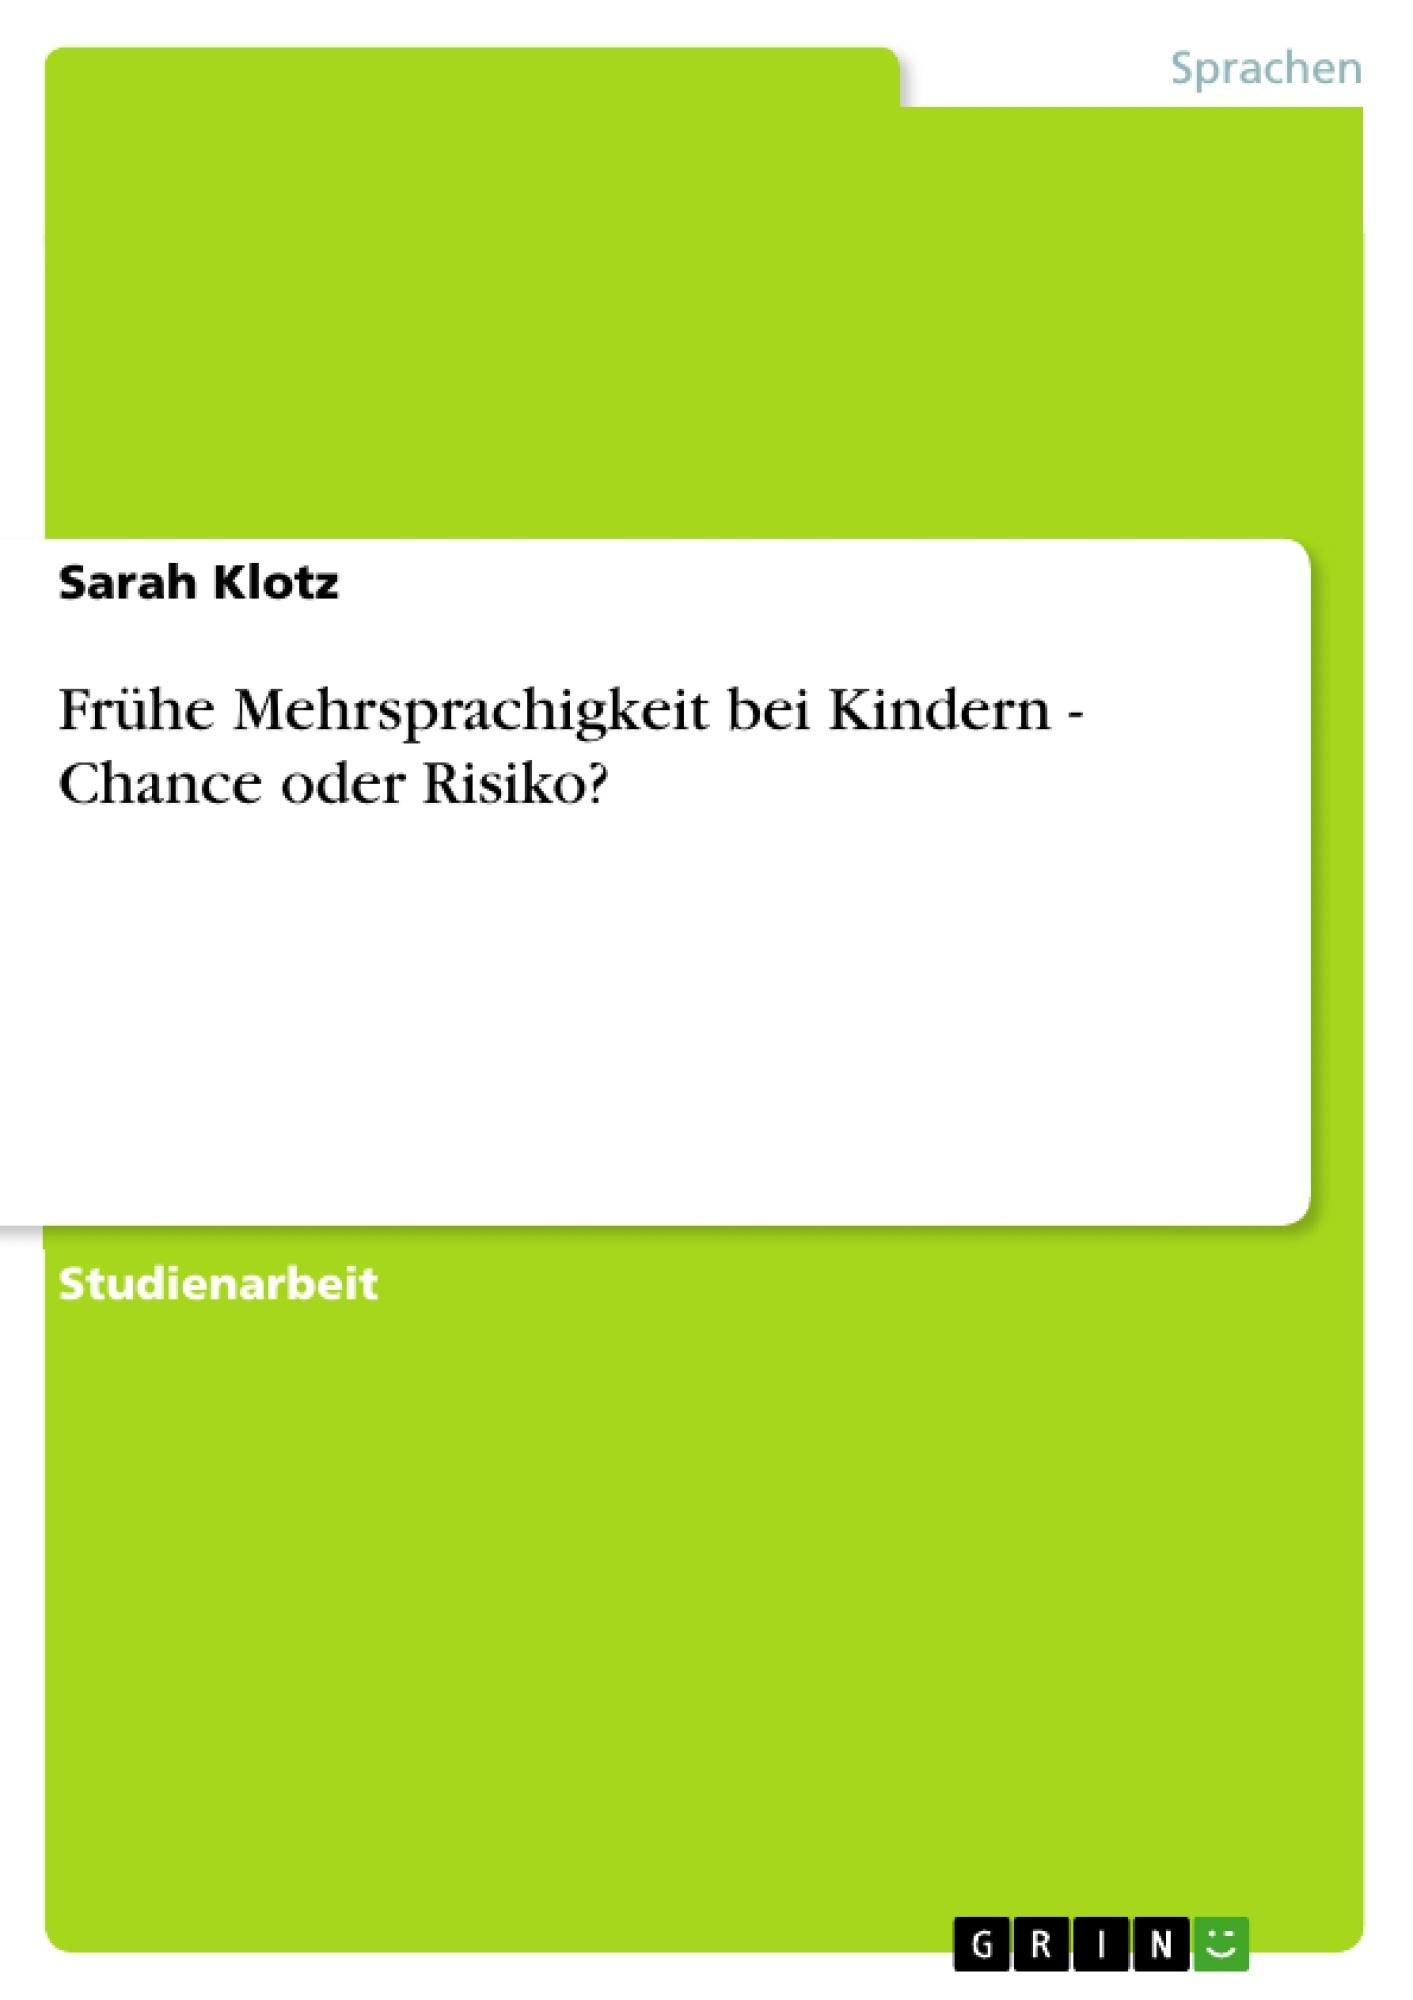 Titel: Frühe Mehrsprachigkeit bei Kindern - Chance oder Risiko?